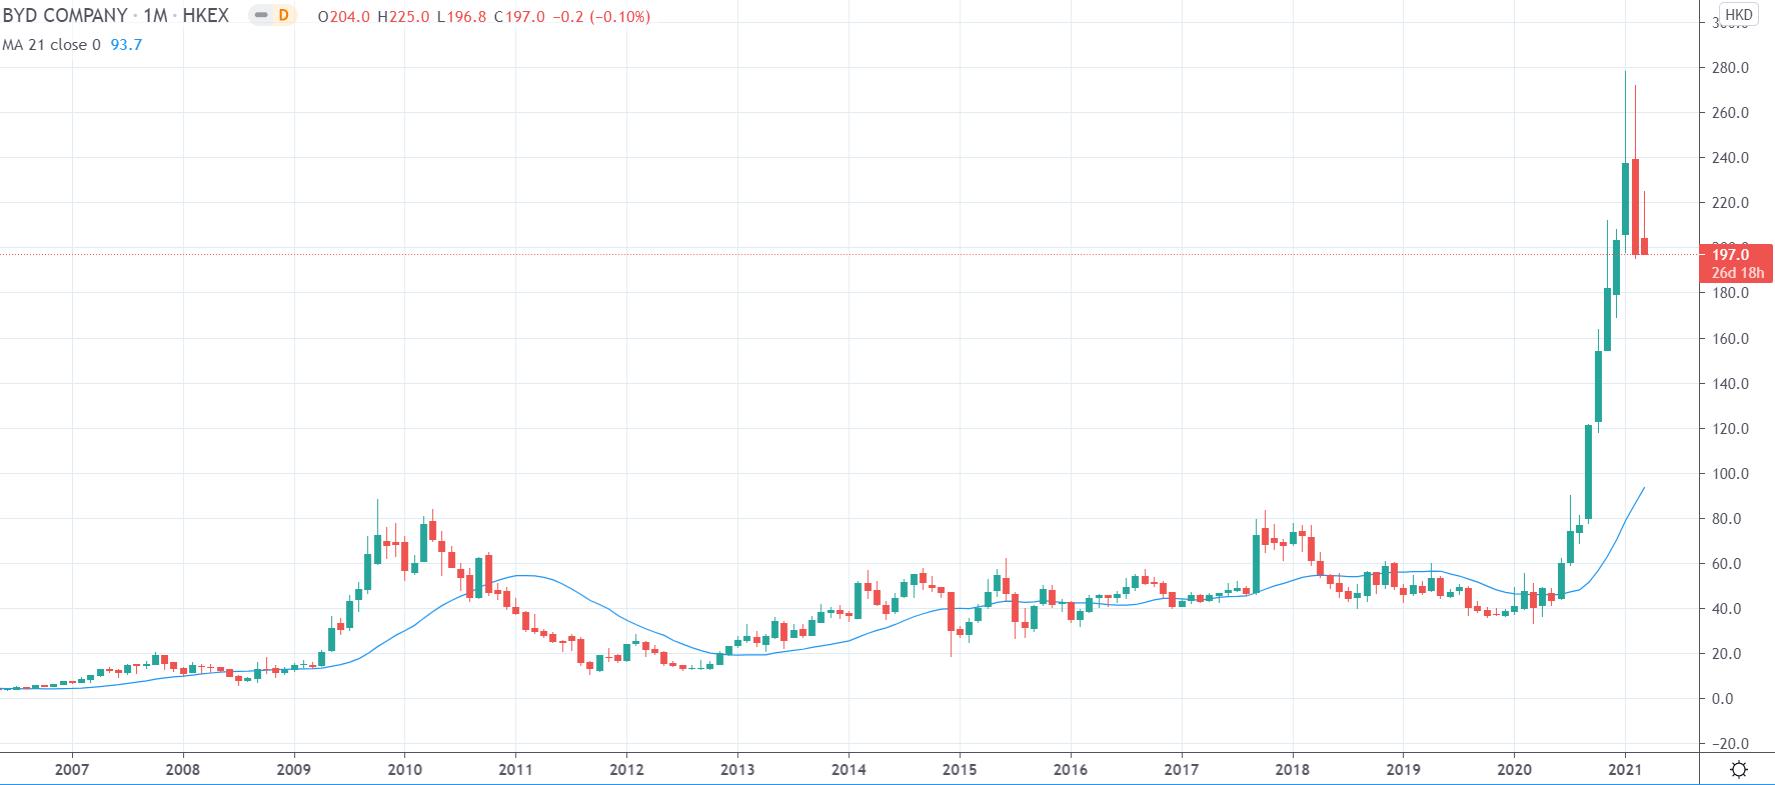 Kurs BYD na interwale miesięcznym, tradingview